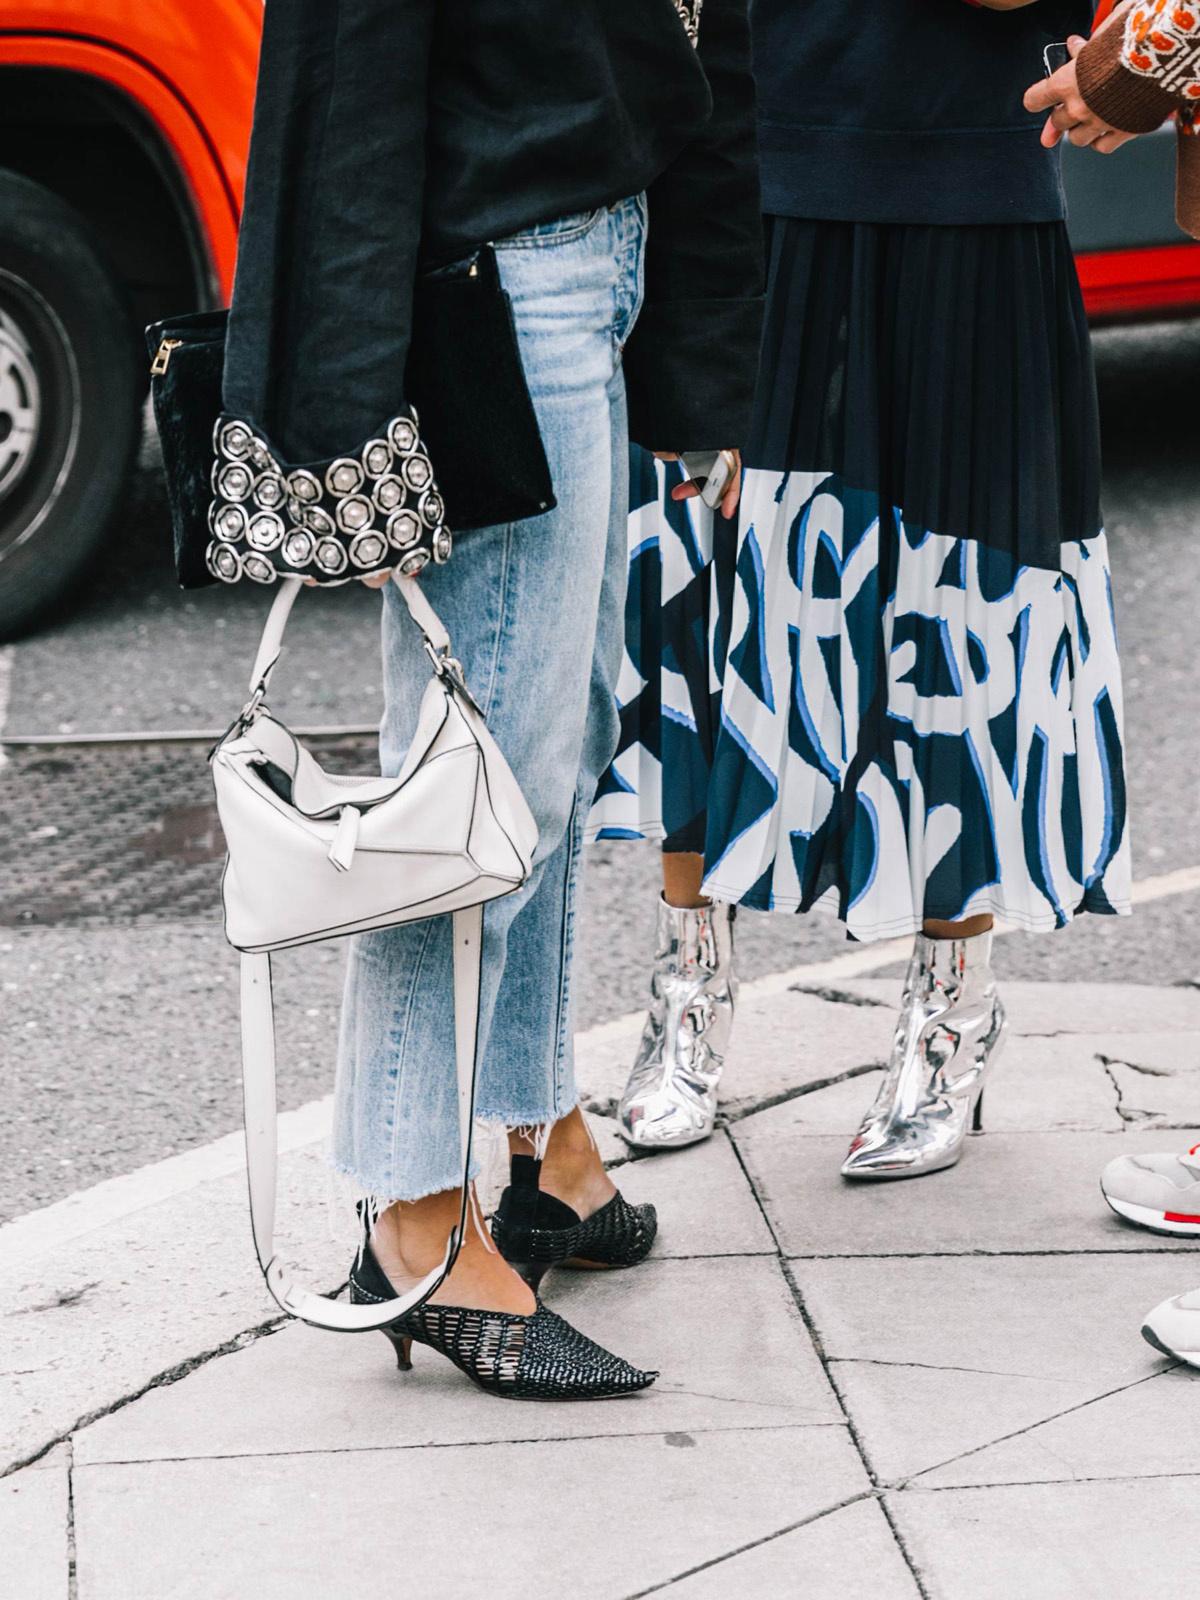 zapatos_quedan_bien_cropped_jeans_cortados_289044625_1200x1600